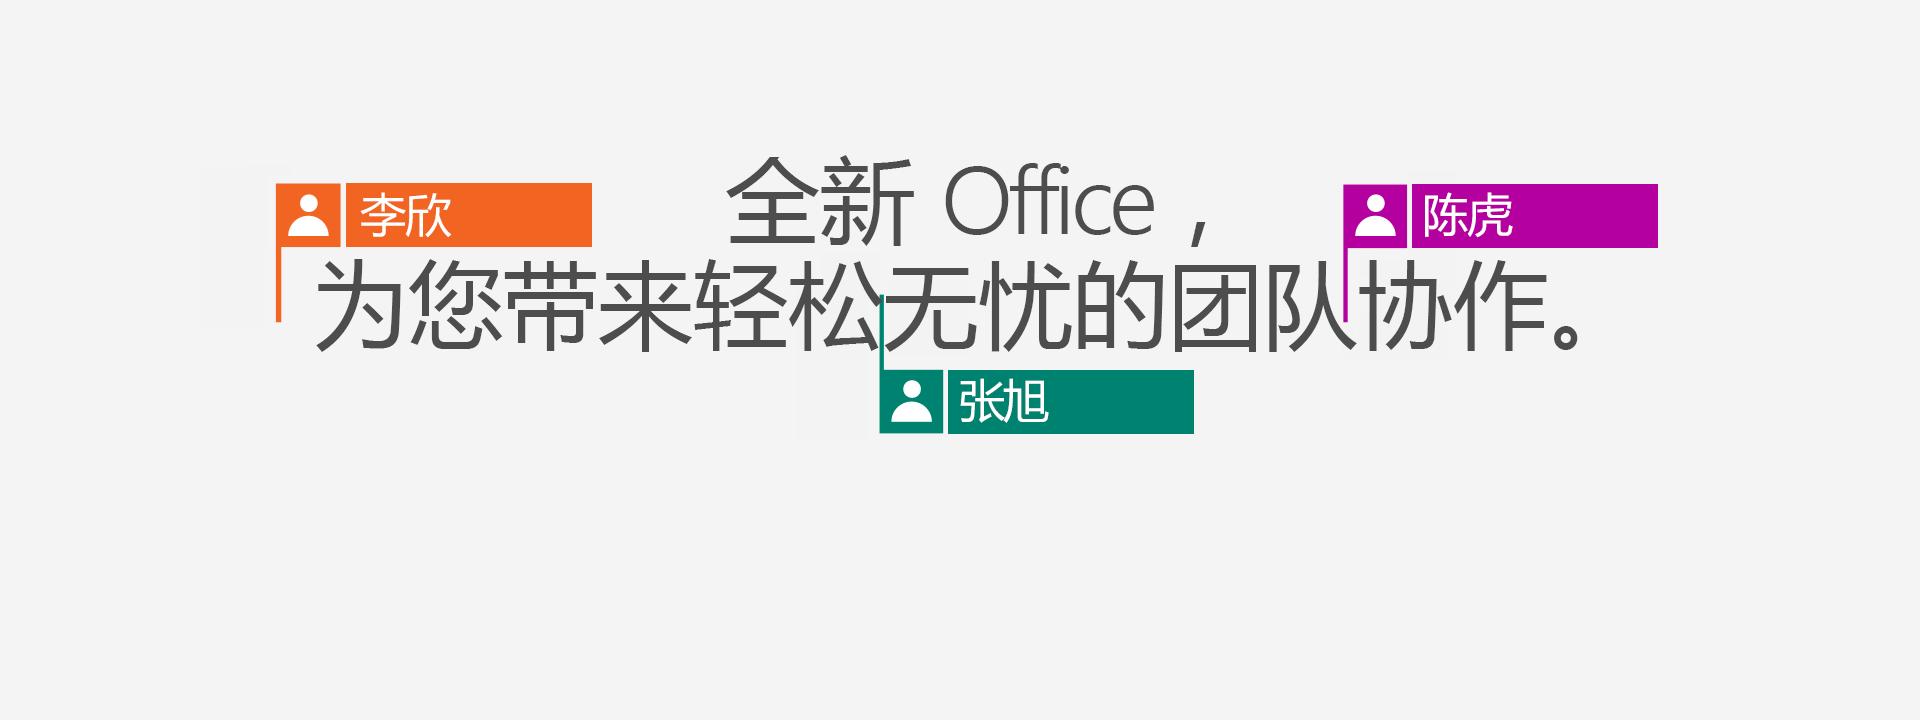 购买 Office 365 以获取全新的 2016 应用。